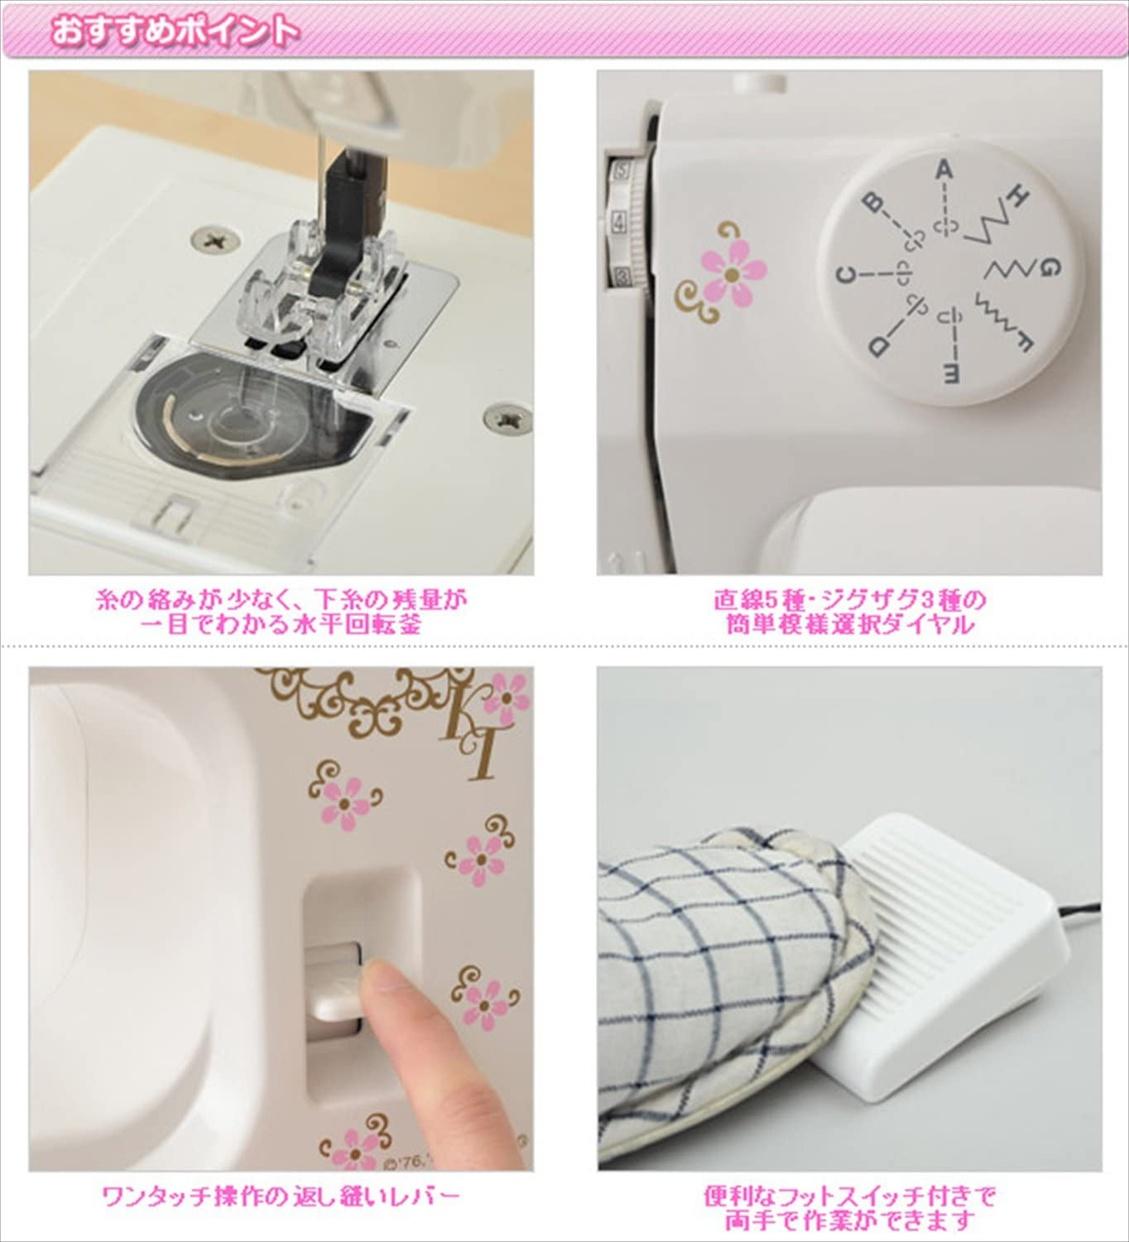 JANOME(ジャノメ) ハローキティミシン KT-35の商品画像3